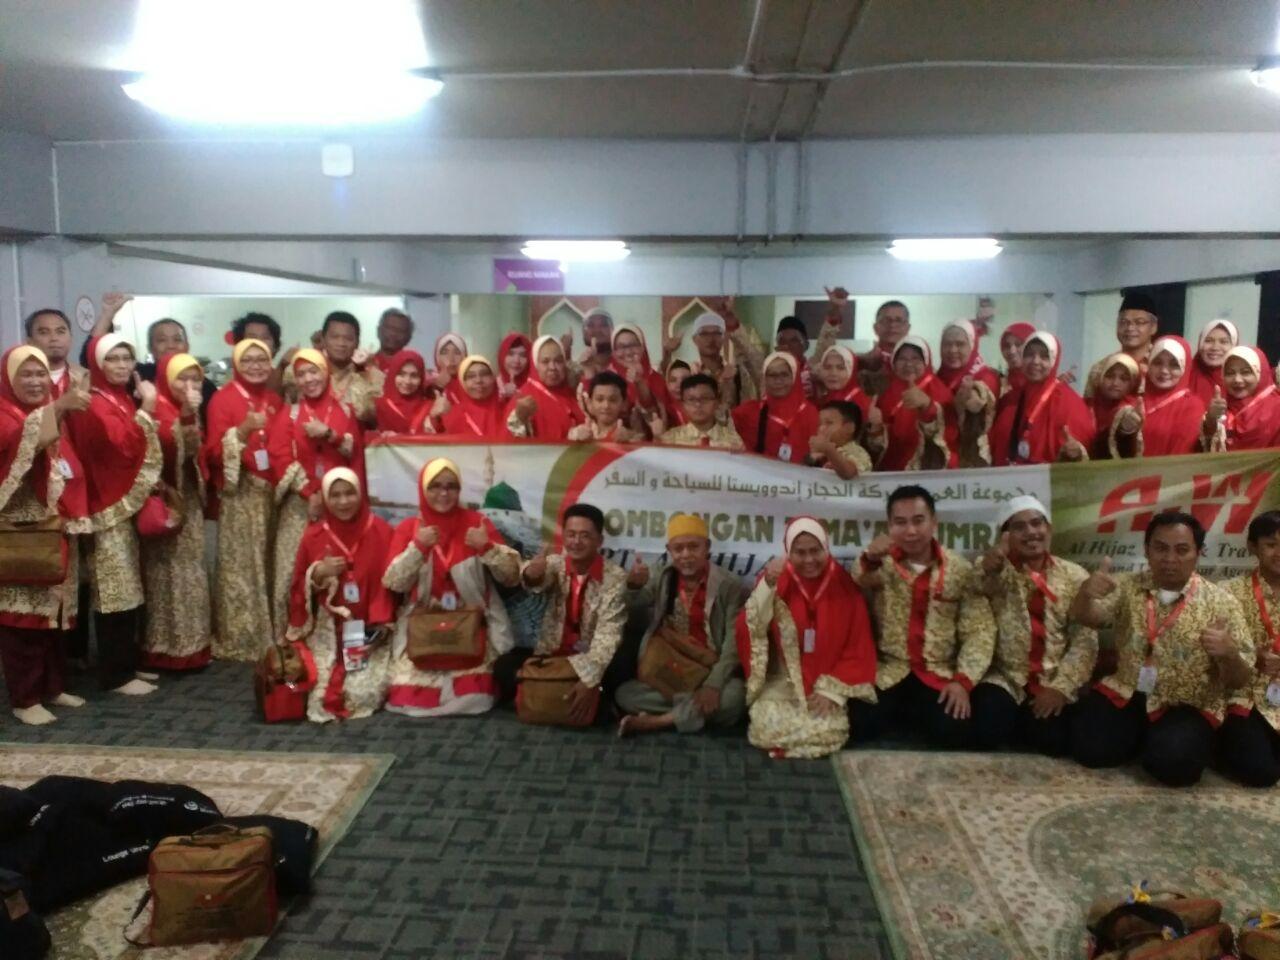 daftar travel umroh terbaik di indonesia